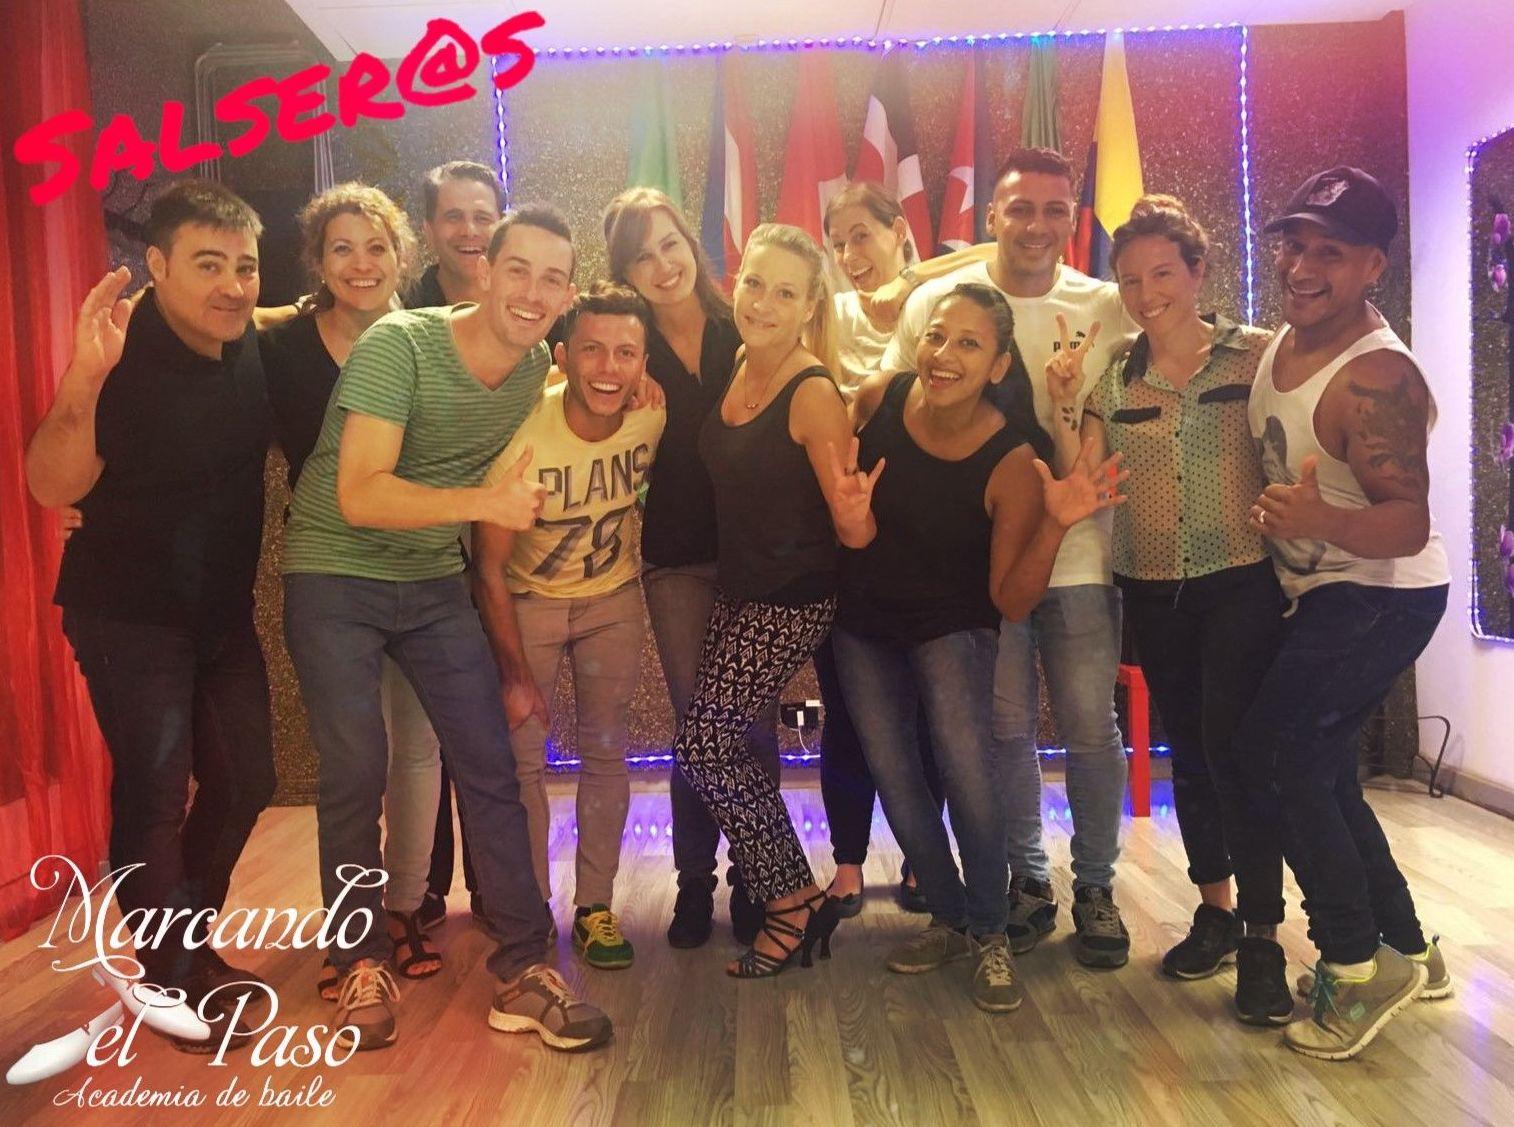 SALSA CUBANA / SALSA CASINO: Clases de MARCANDO EL PASO - Academia de baile Barcelona